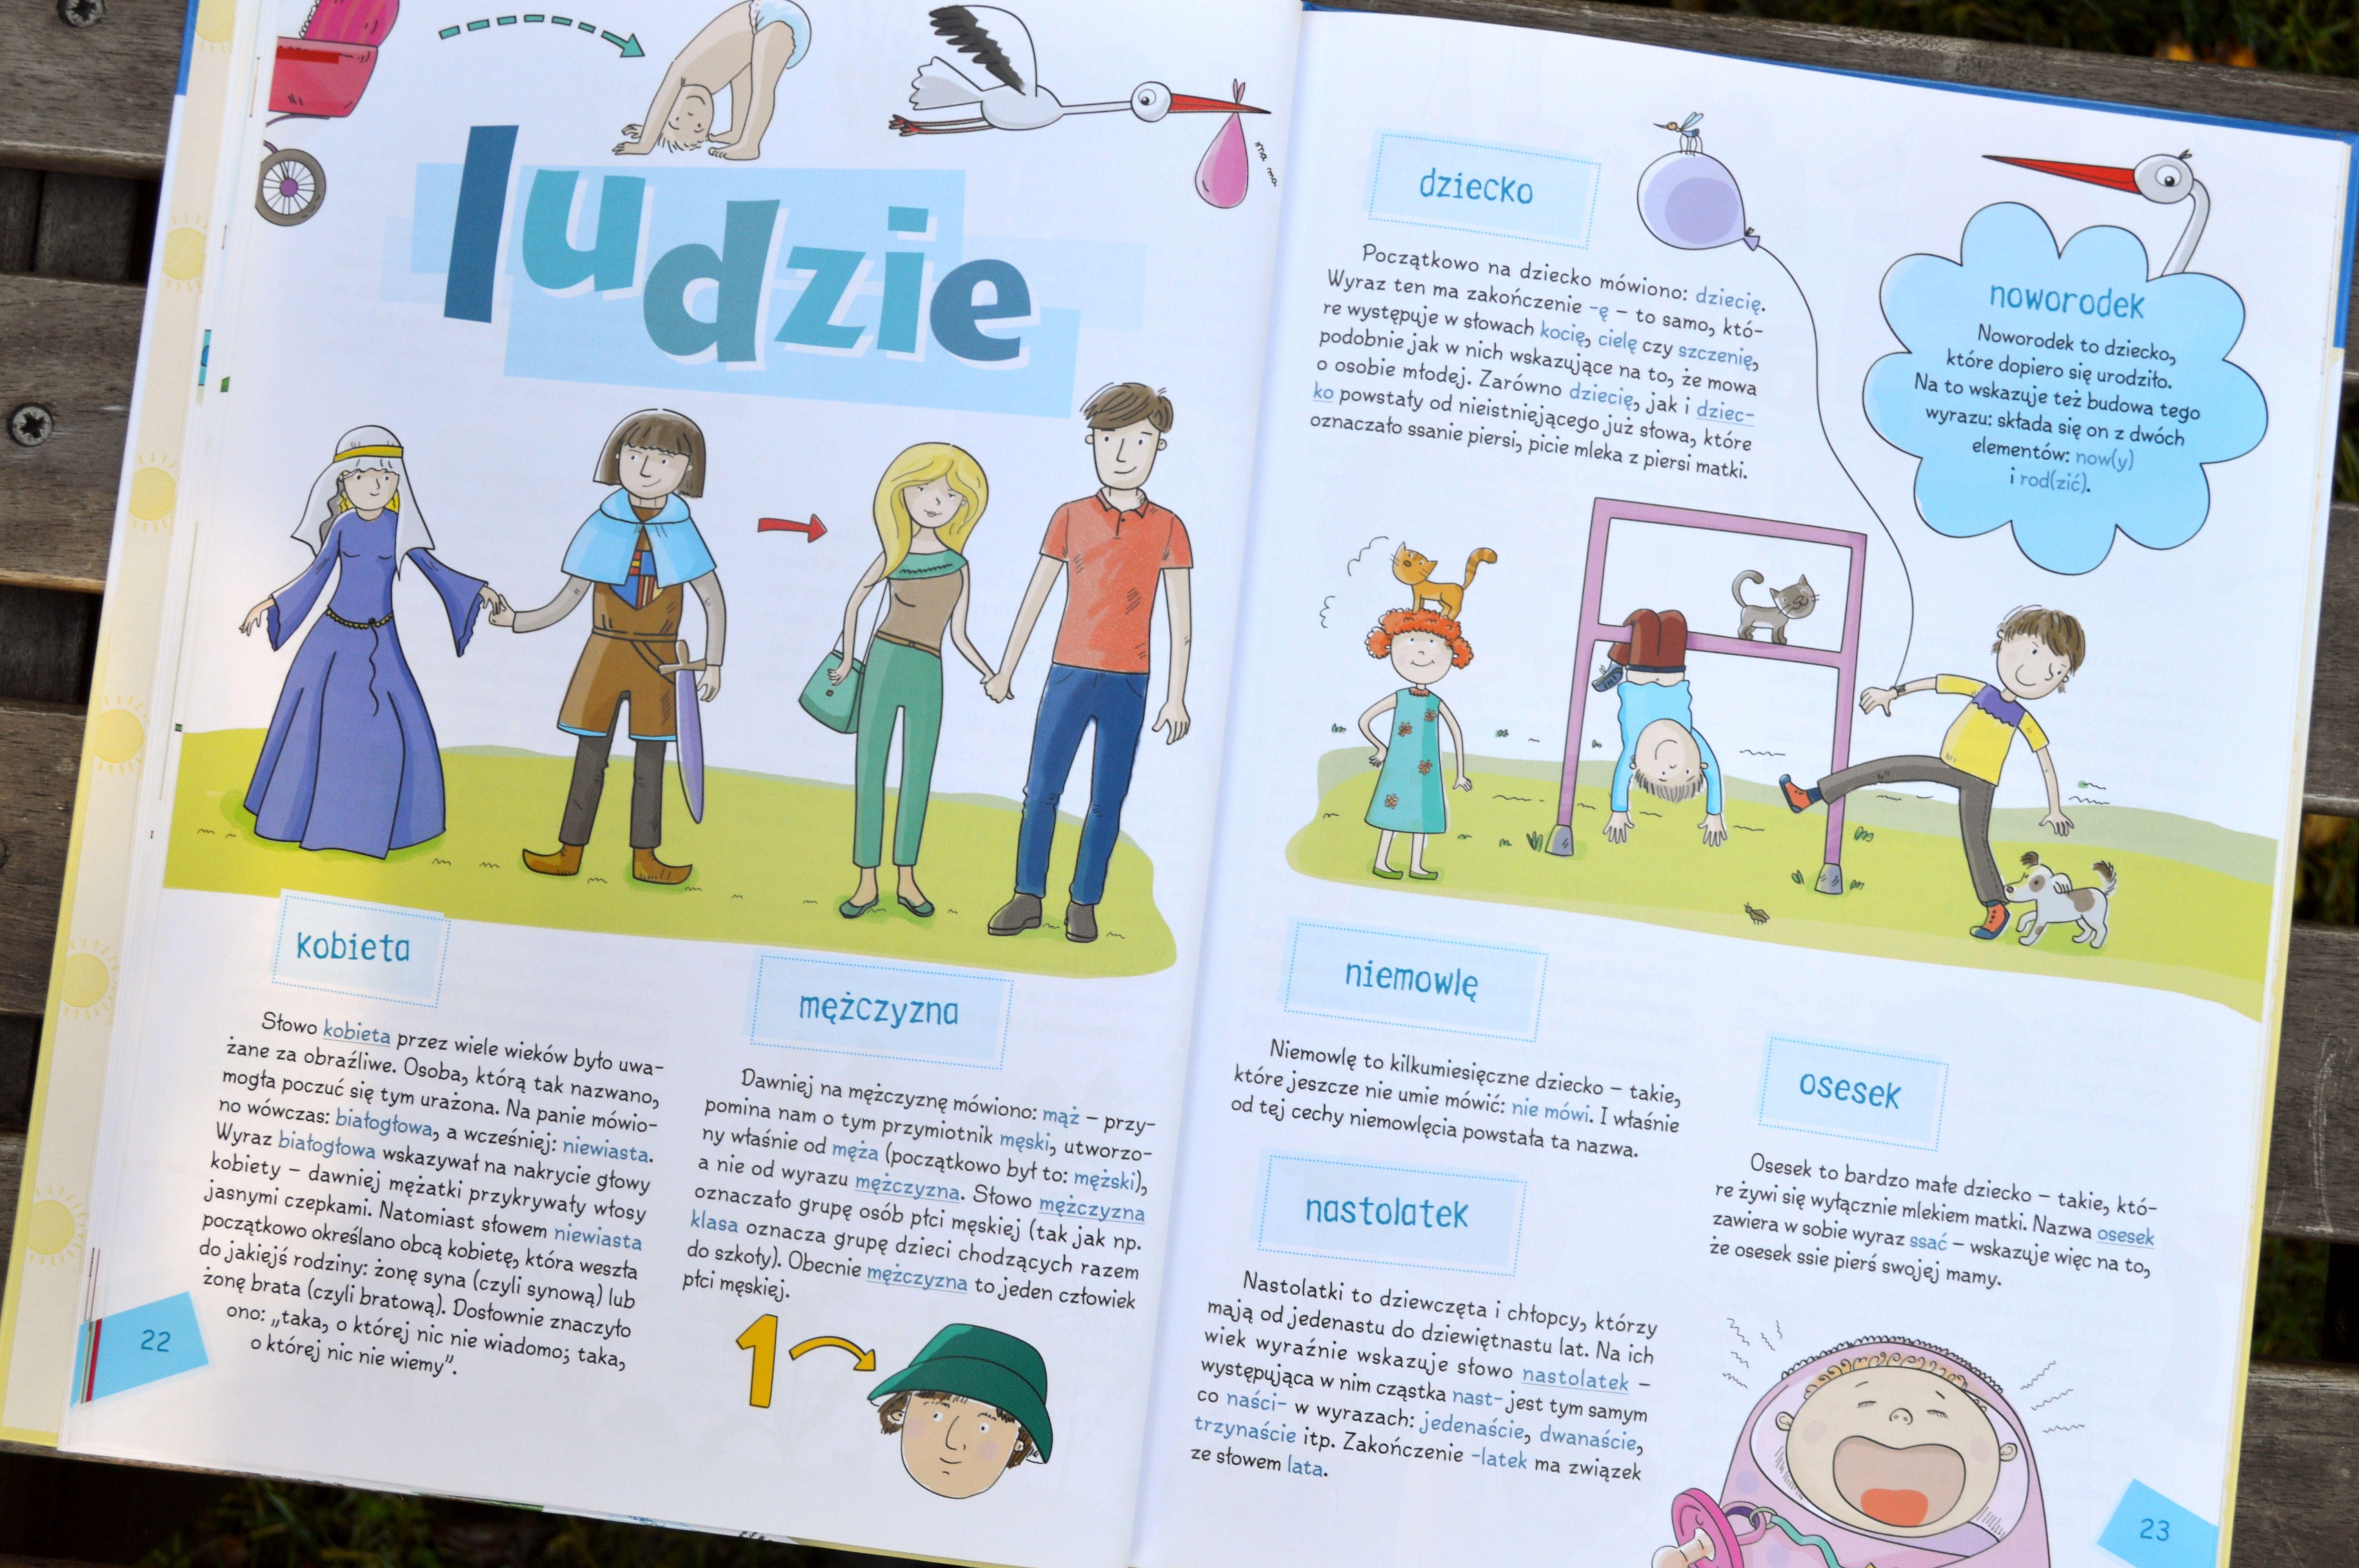 Centrum Edukacji Dzieciecej Dobre Maniery Czyli Savoir Vivre Dla Dzieci Joanna Krzyzanek Na Tropie